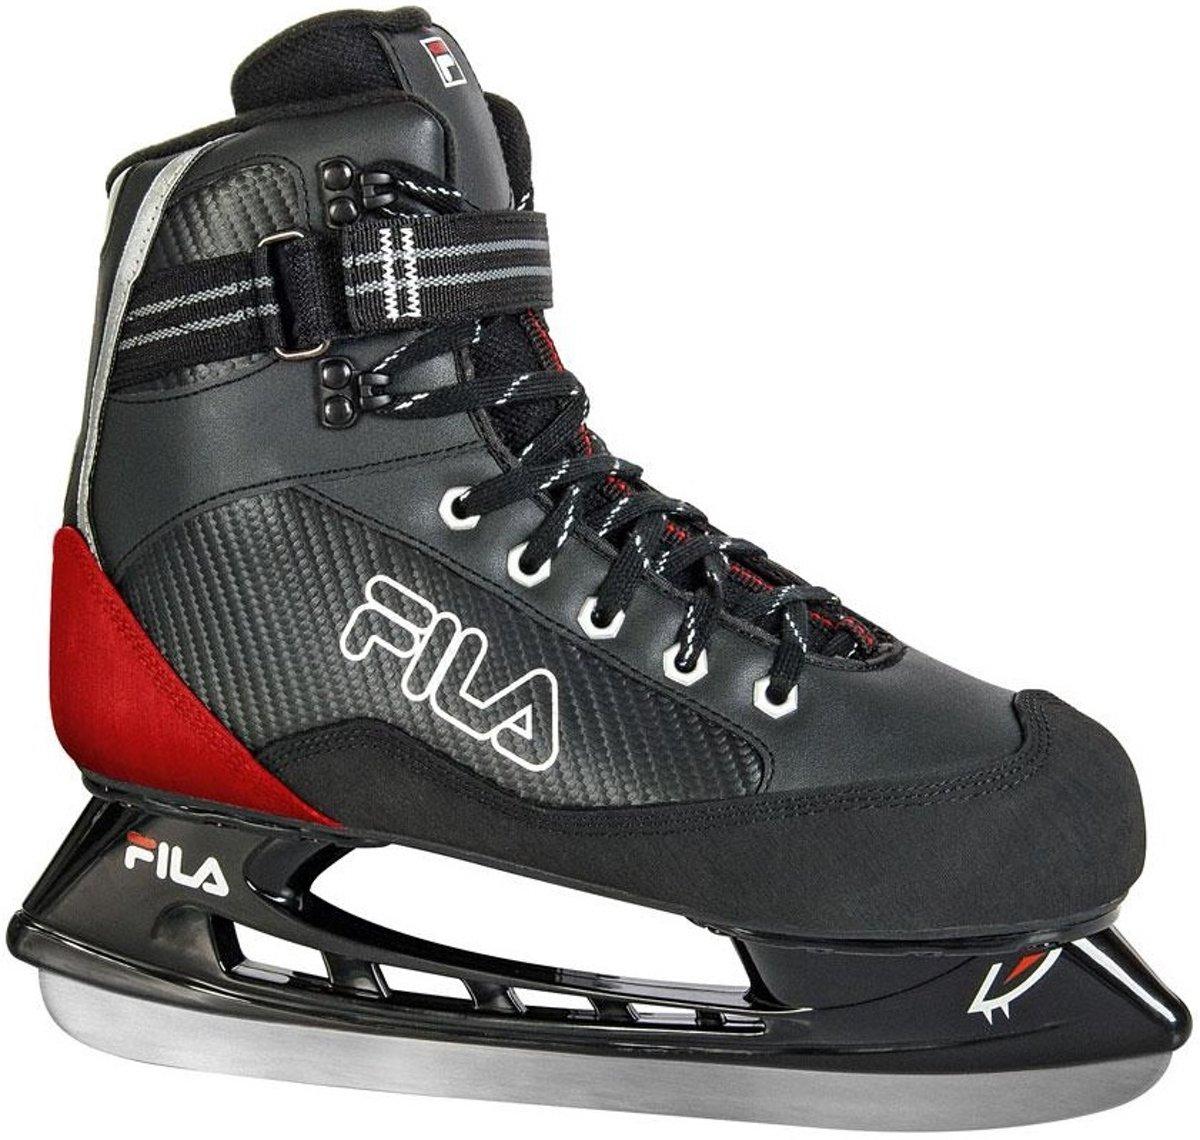 Fila Ijshockeyschaatsen Viper Rtl Heren Zwart Maat 38